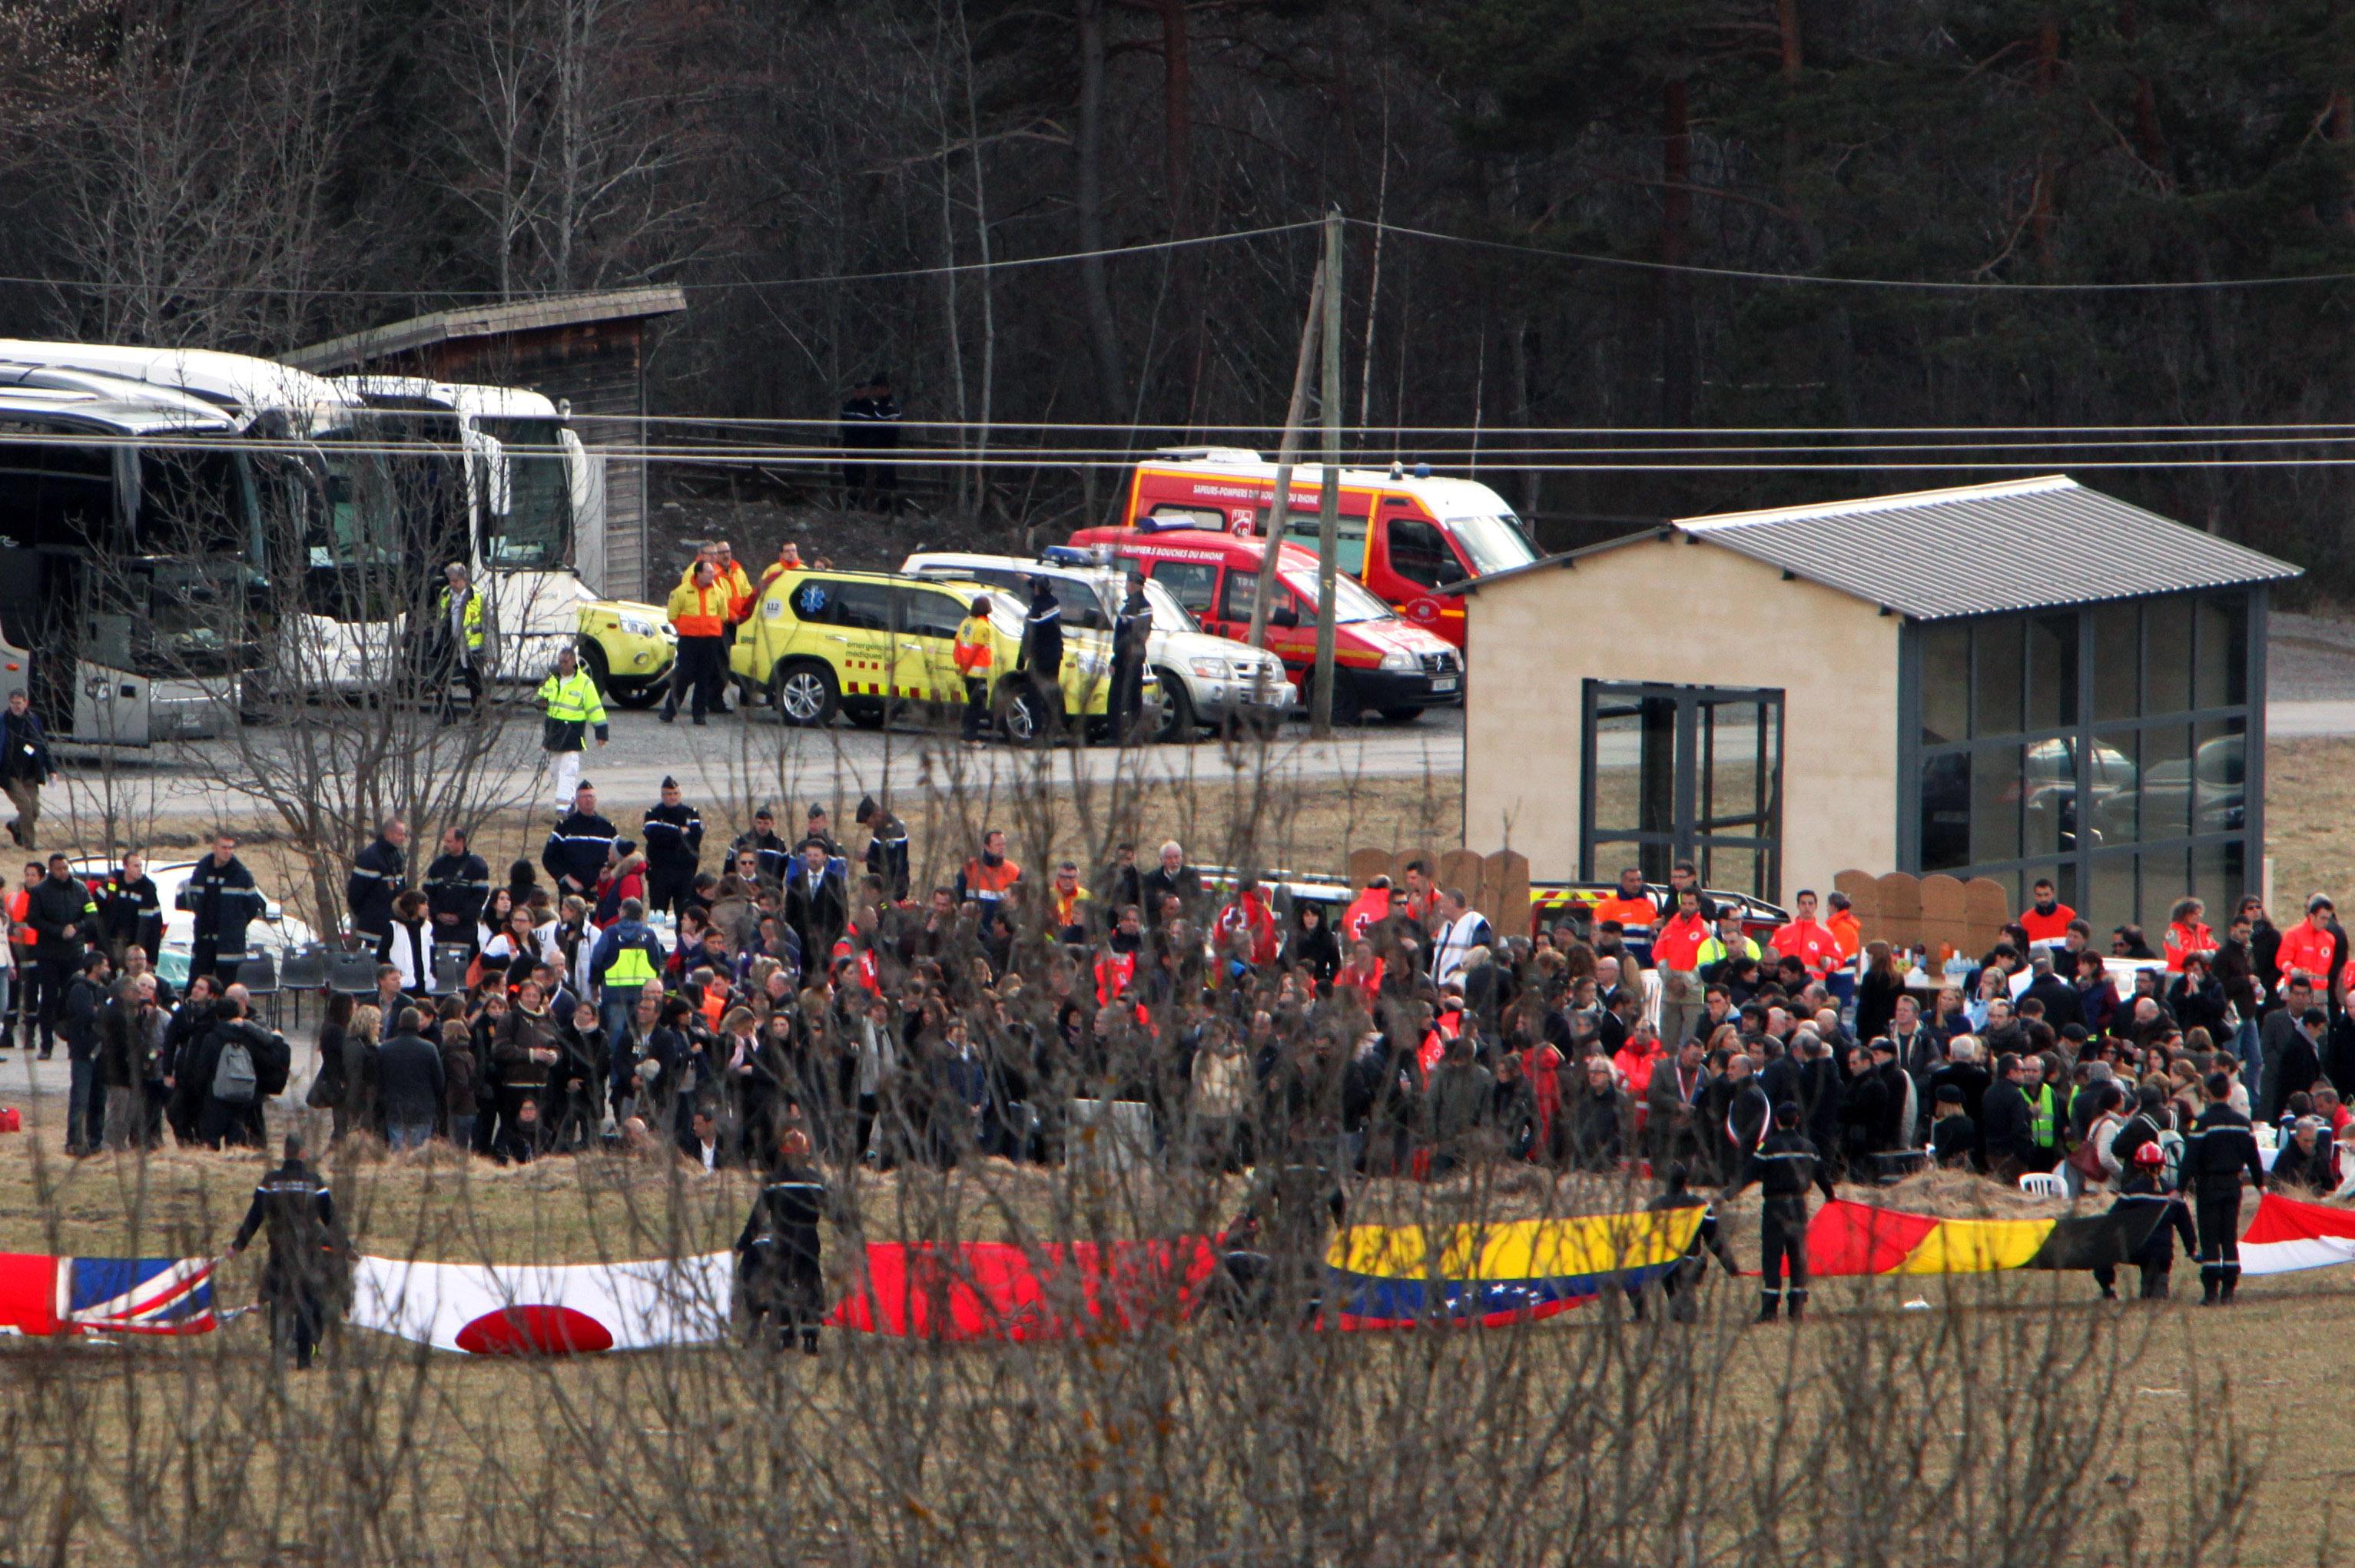 Cazul Germanwings. Procurorii francezi suspecteaza crime cu premeditare. Detalii noi din investigatie